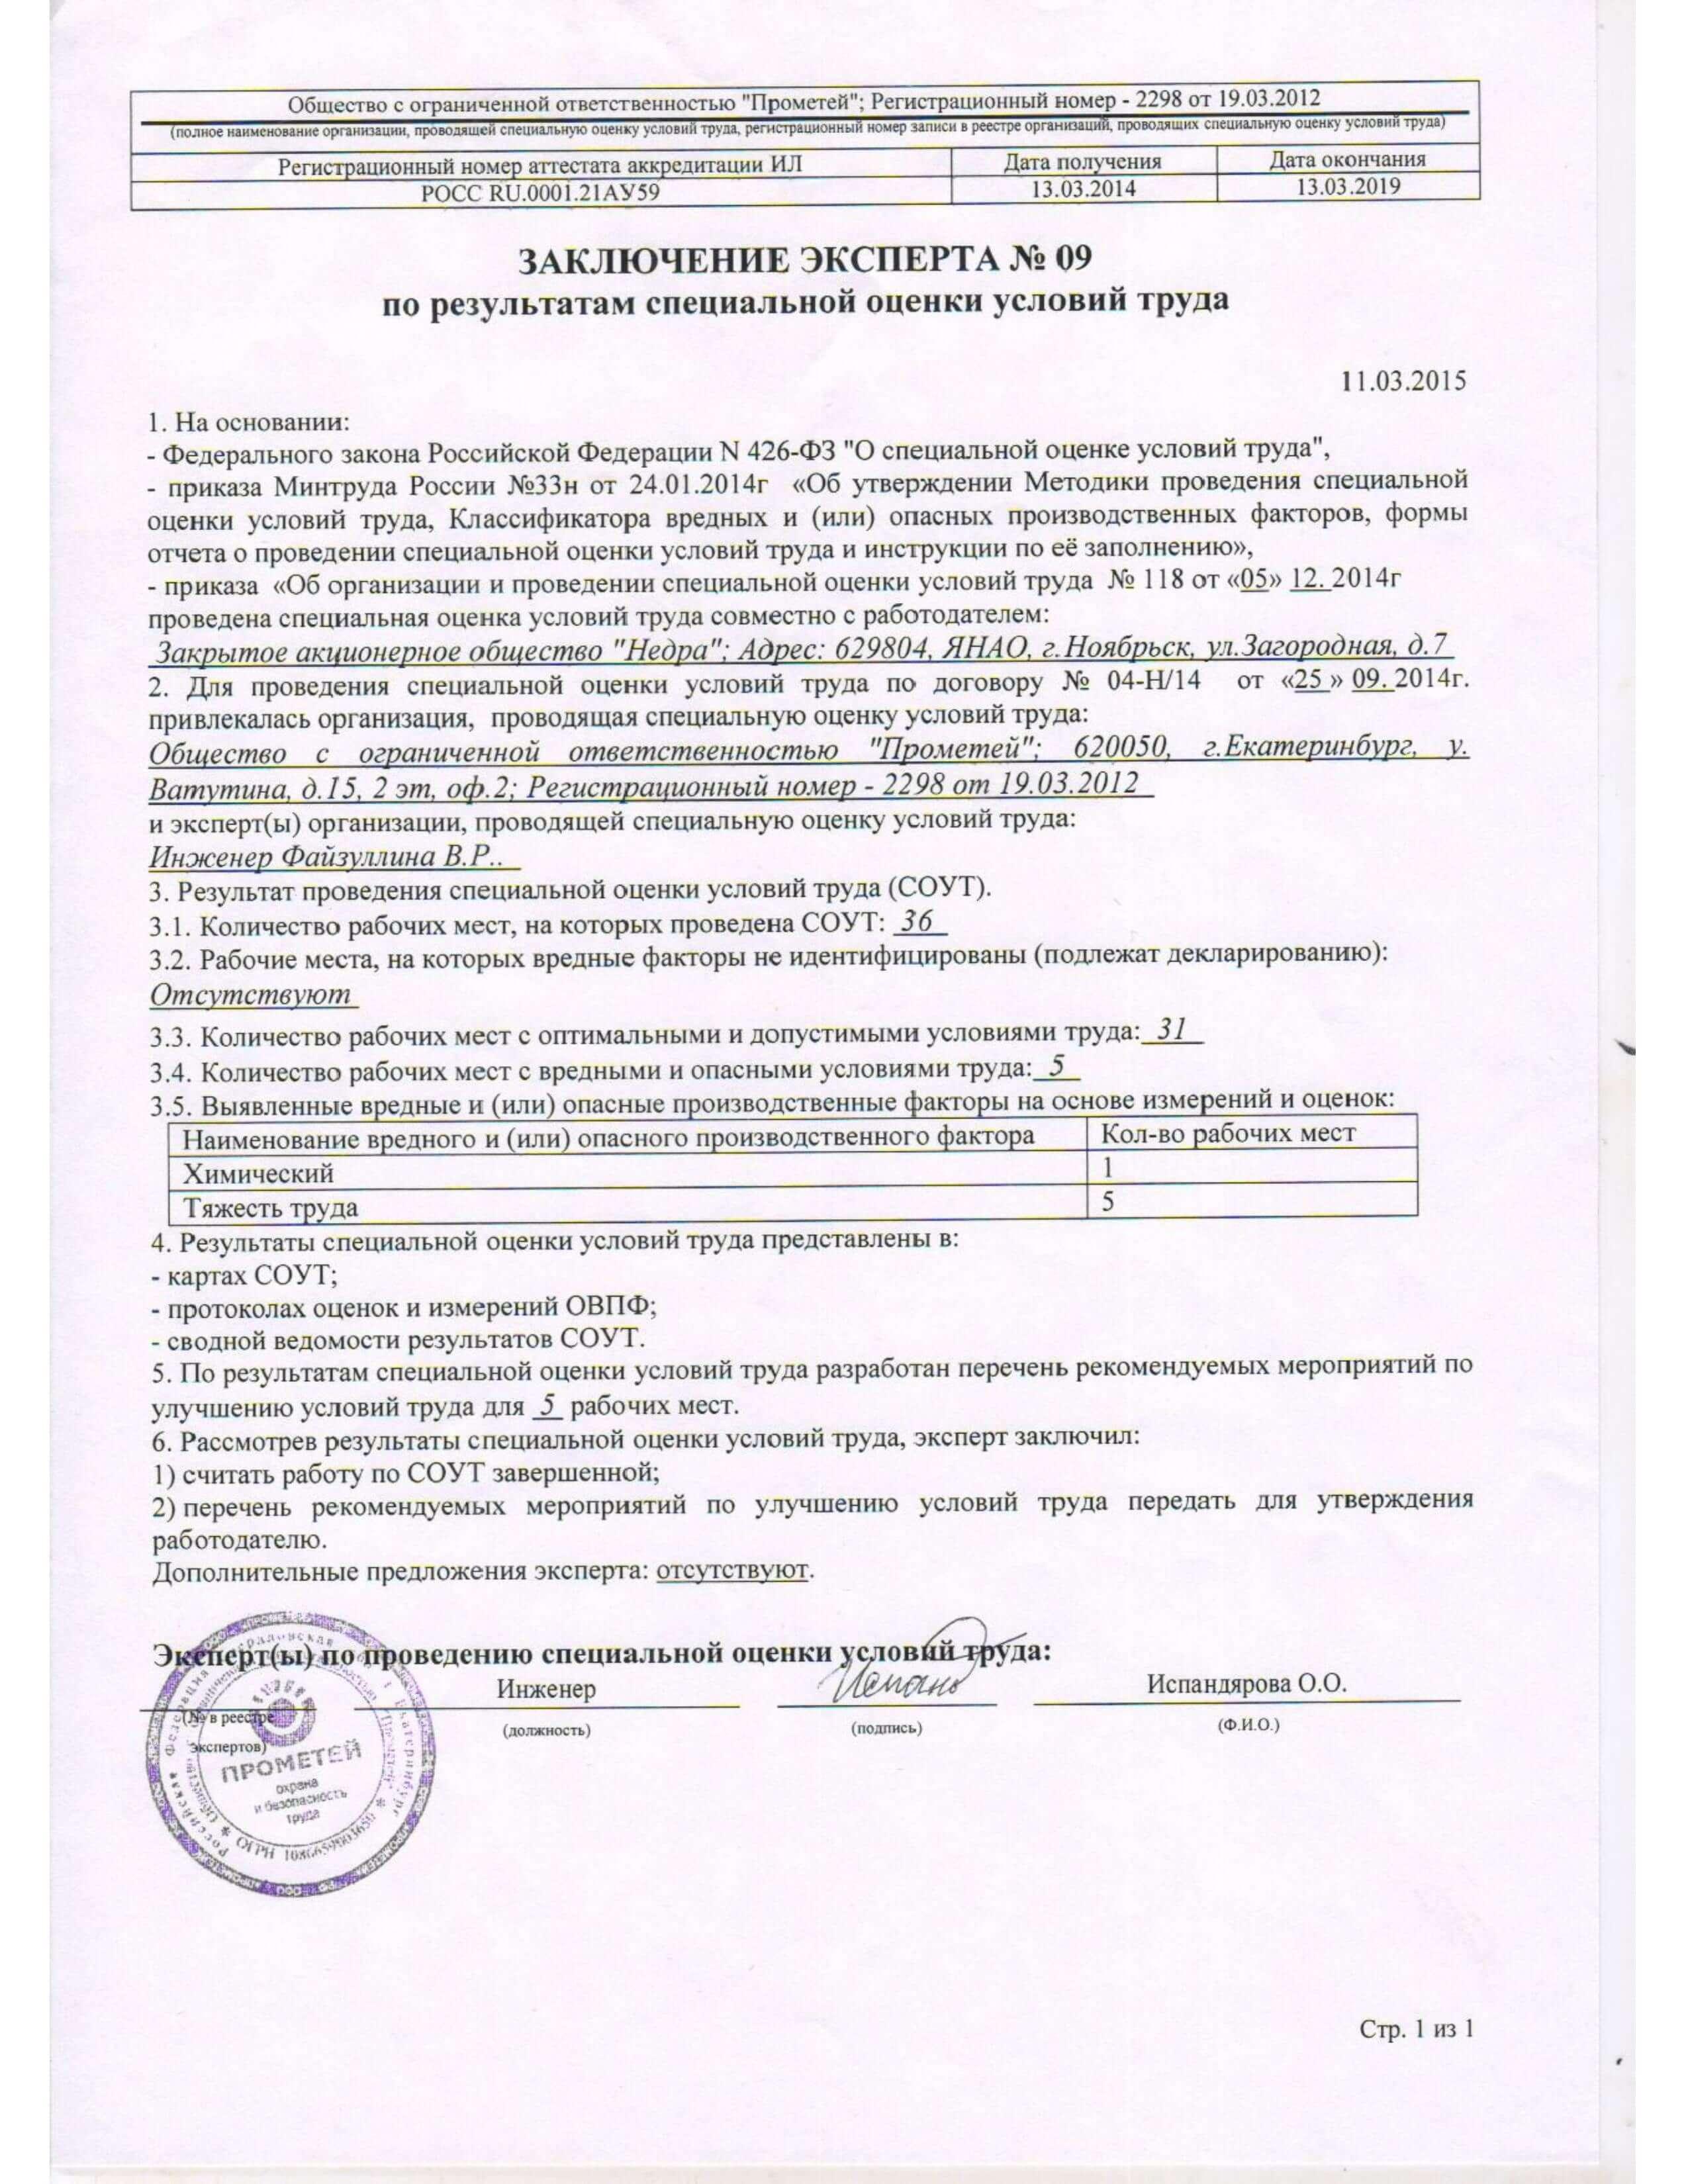 Отчет о проведении оценки условия труда стр.2